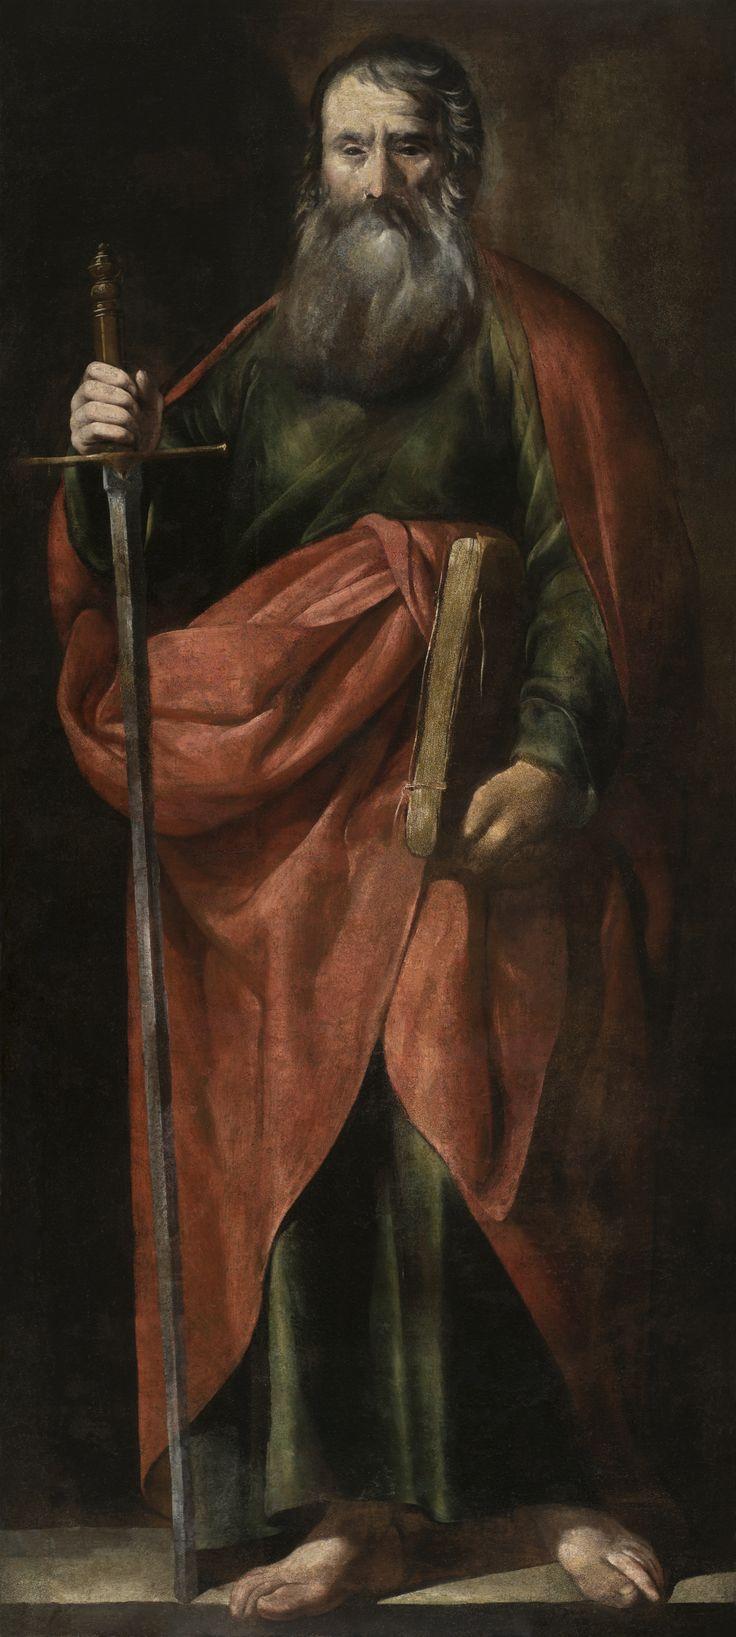 Saint Paul / San Pablo // 17th century // Circle of Antonio del Castillo Saavedra // Museo de Bellas Artes de Córdoba